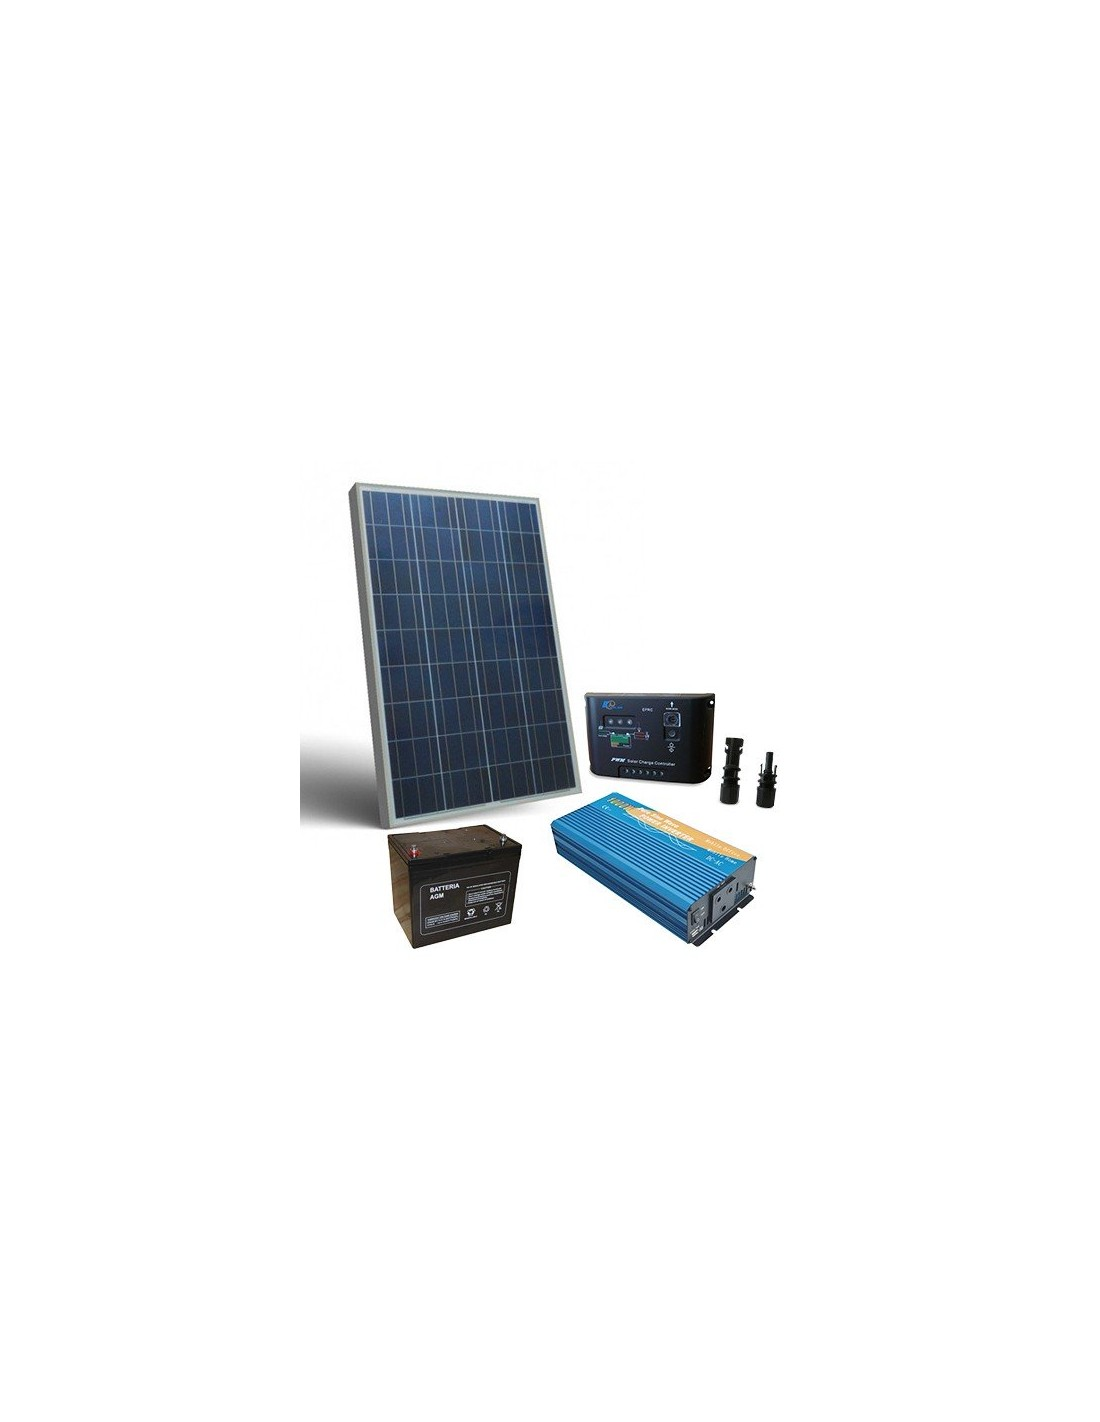 Kit Regolatore Di Carica Pannello Solare : Kit solare baita w v pro sr pannello regolatore di